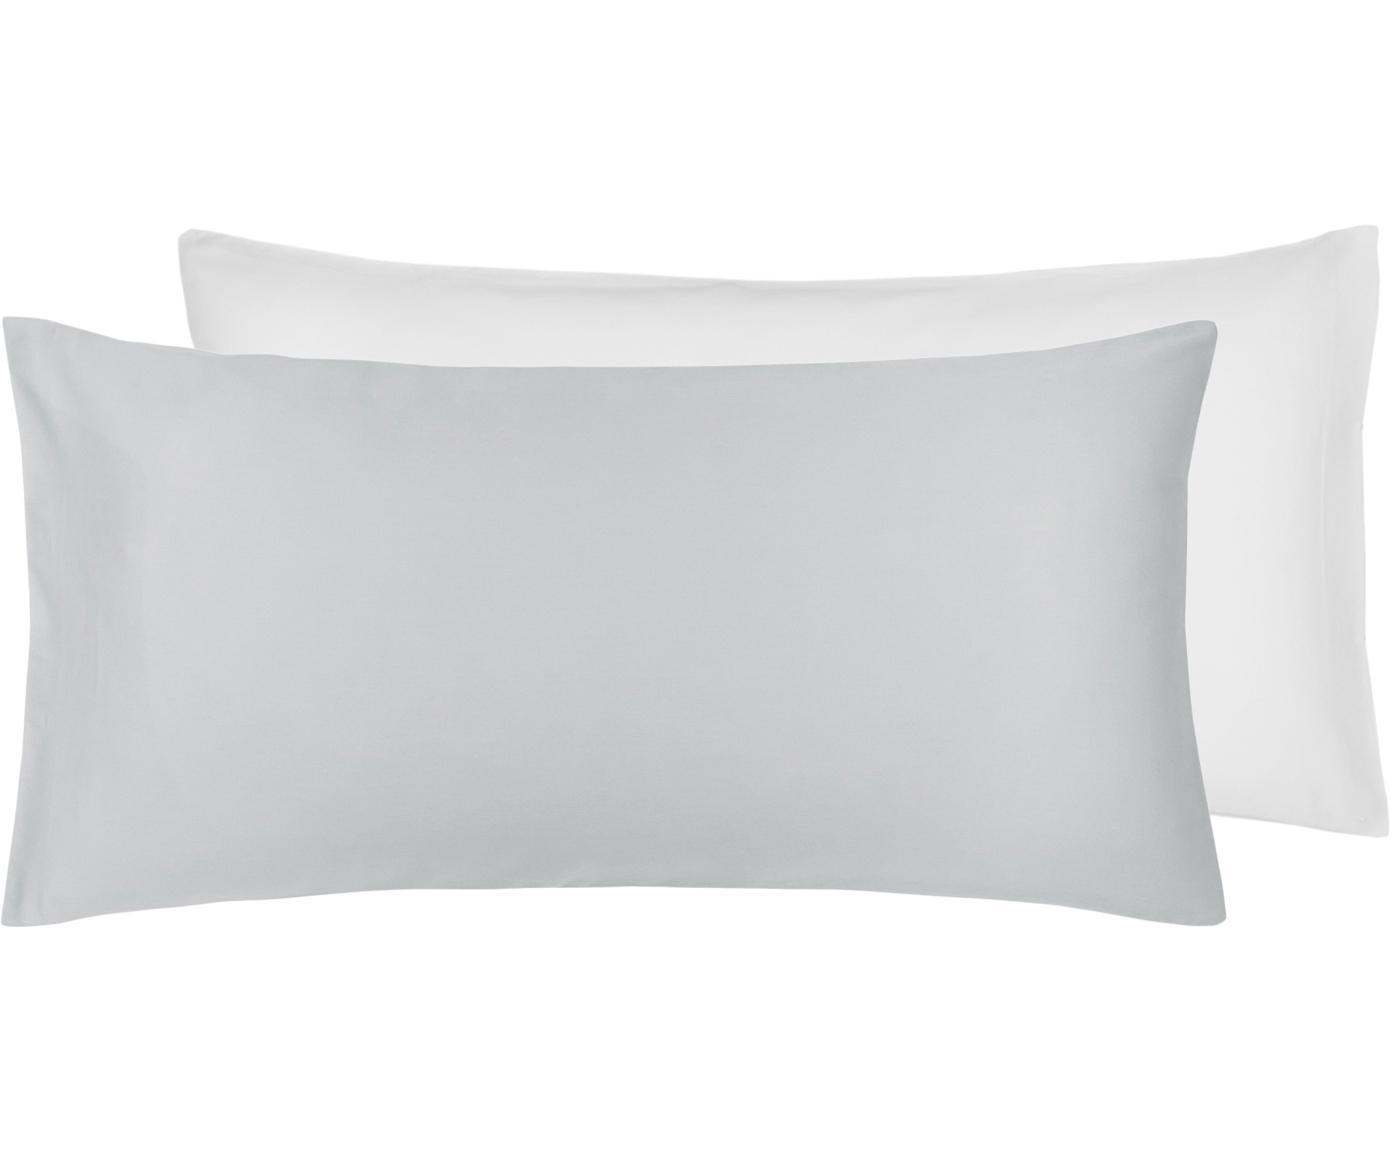 Baumwollsatin-Wendekissenbezüge Julia in Weiß/Grau, 2 Stück, Webart: Satin Fadendichte 250 TC,, Weiß, Hellgrau, 40 x 80 cm